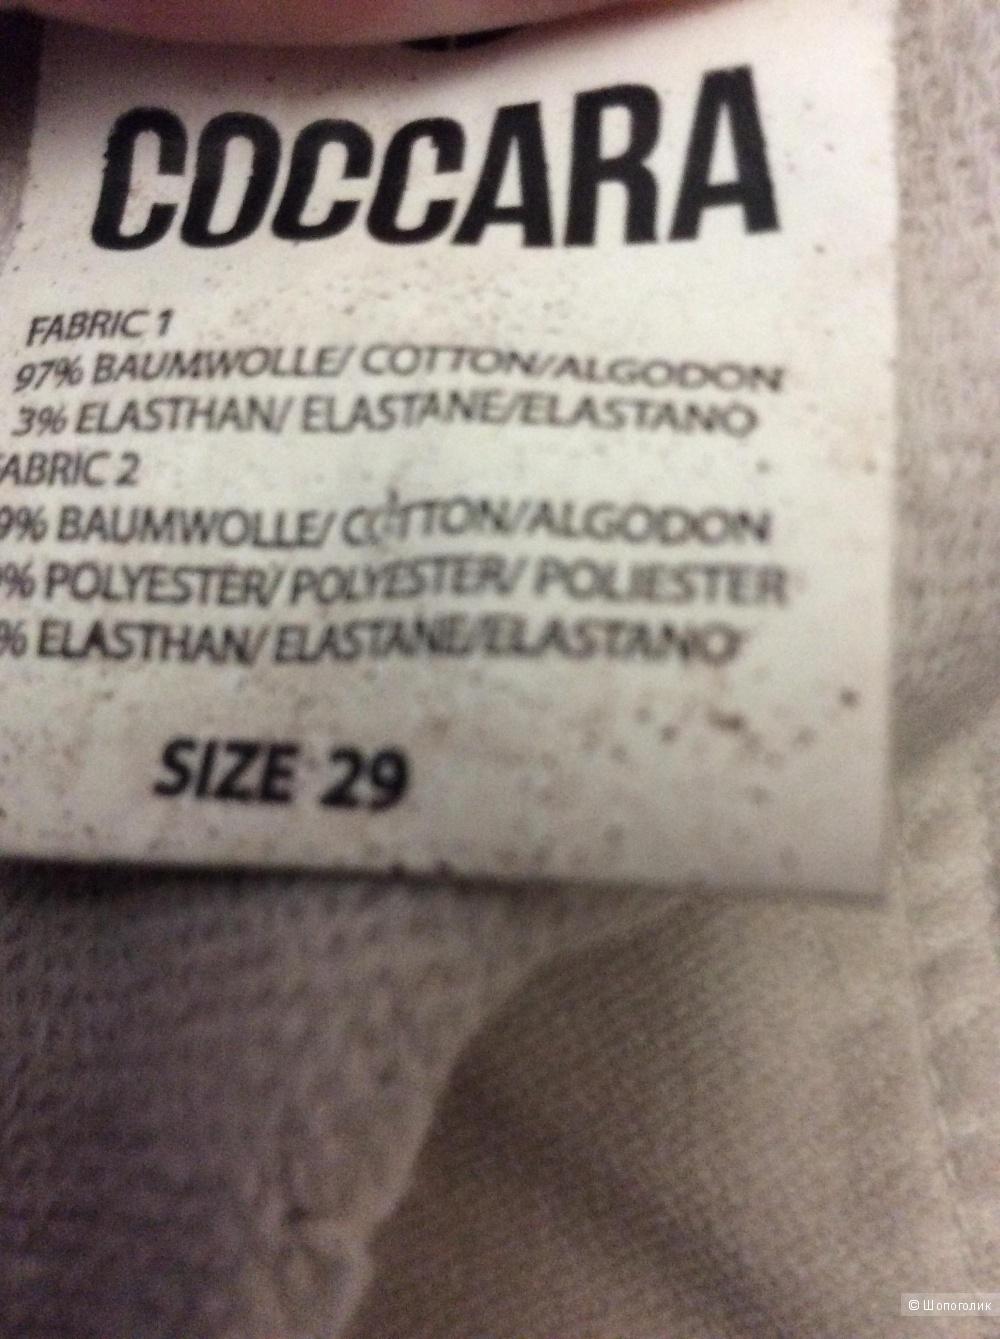 Джинсы Coccara размер 29